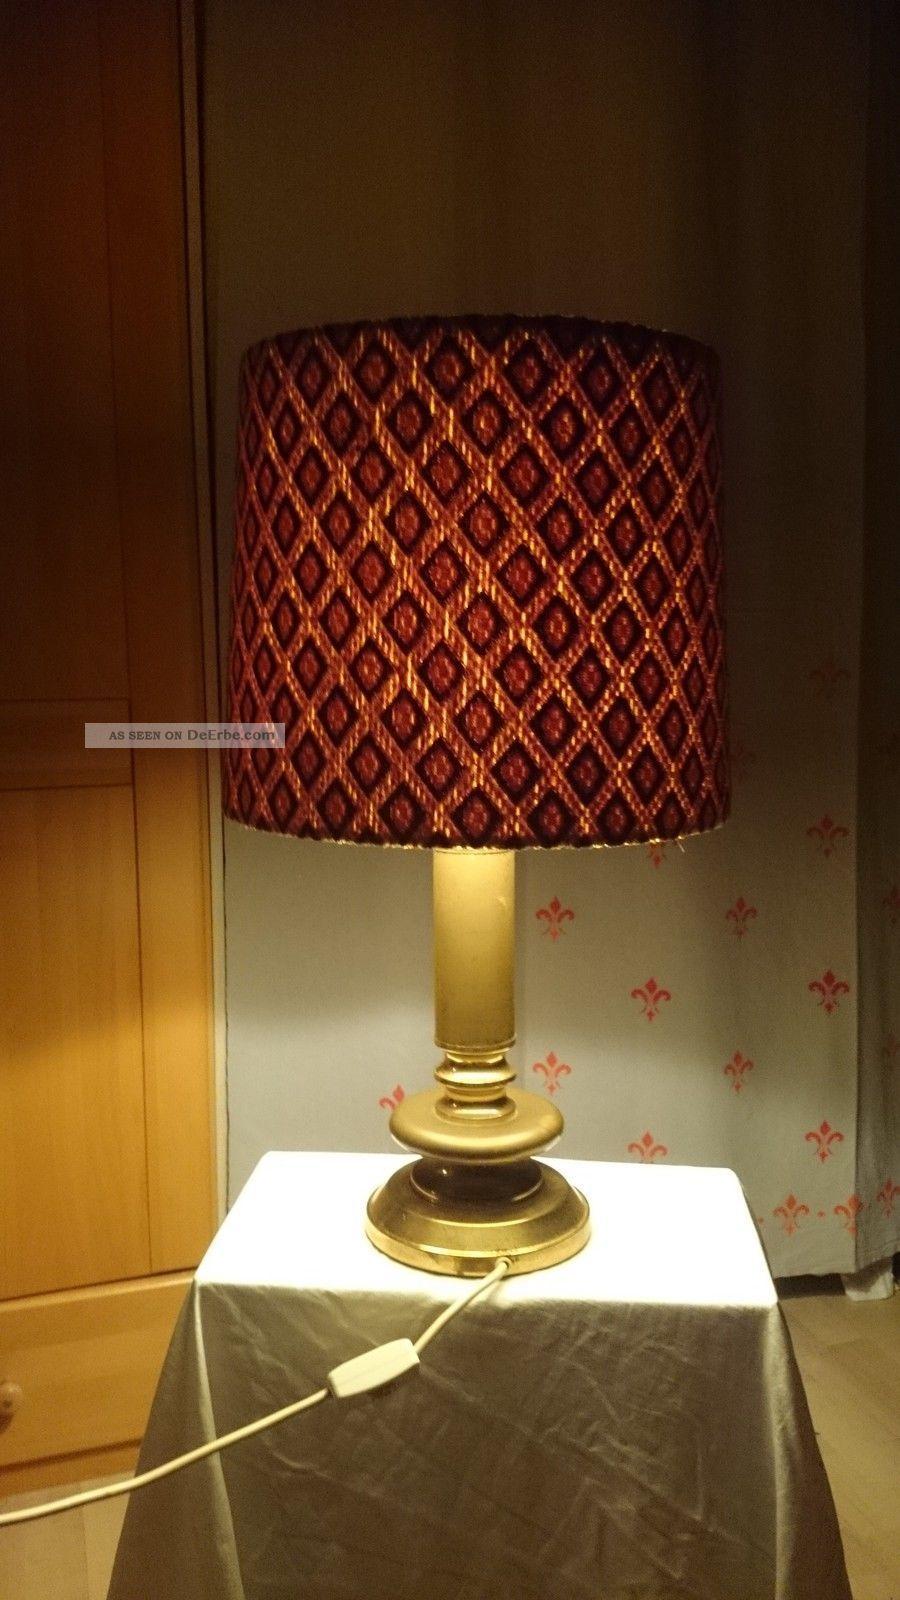 Alte Grosse Tischlampe Stehlampe Messing 60er 70er Vintage